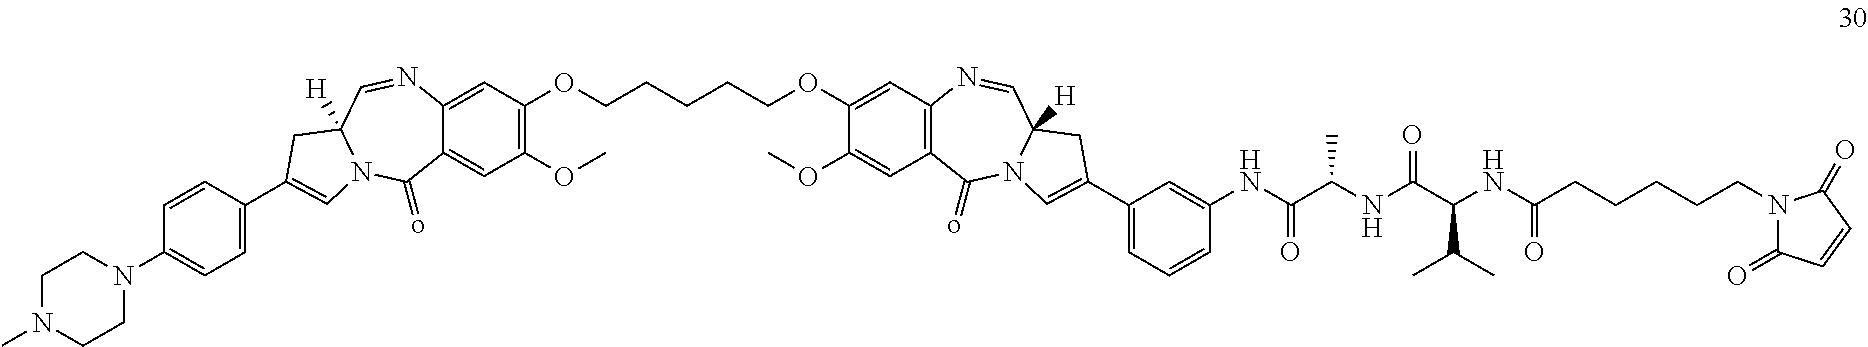 Figure US09919056-20180320-C00033